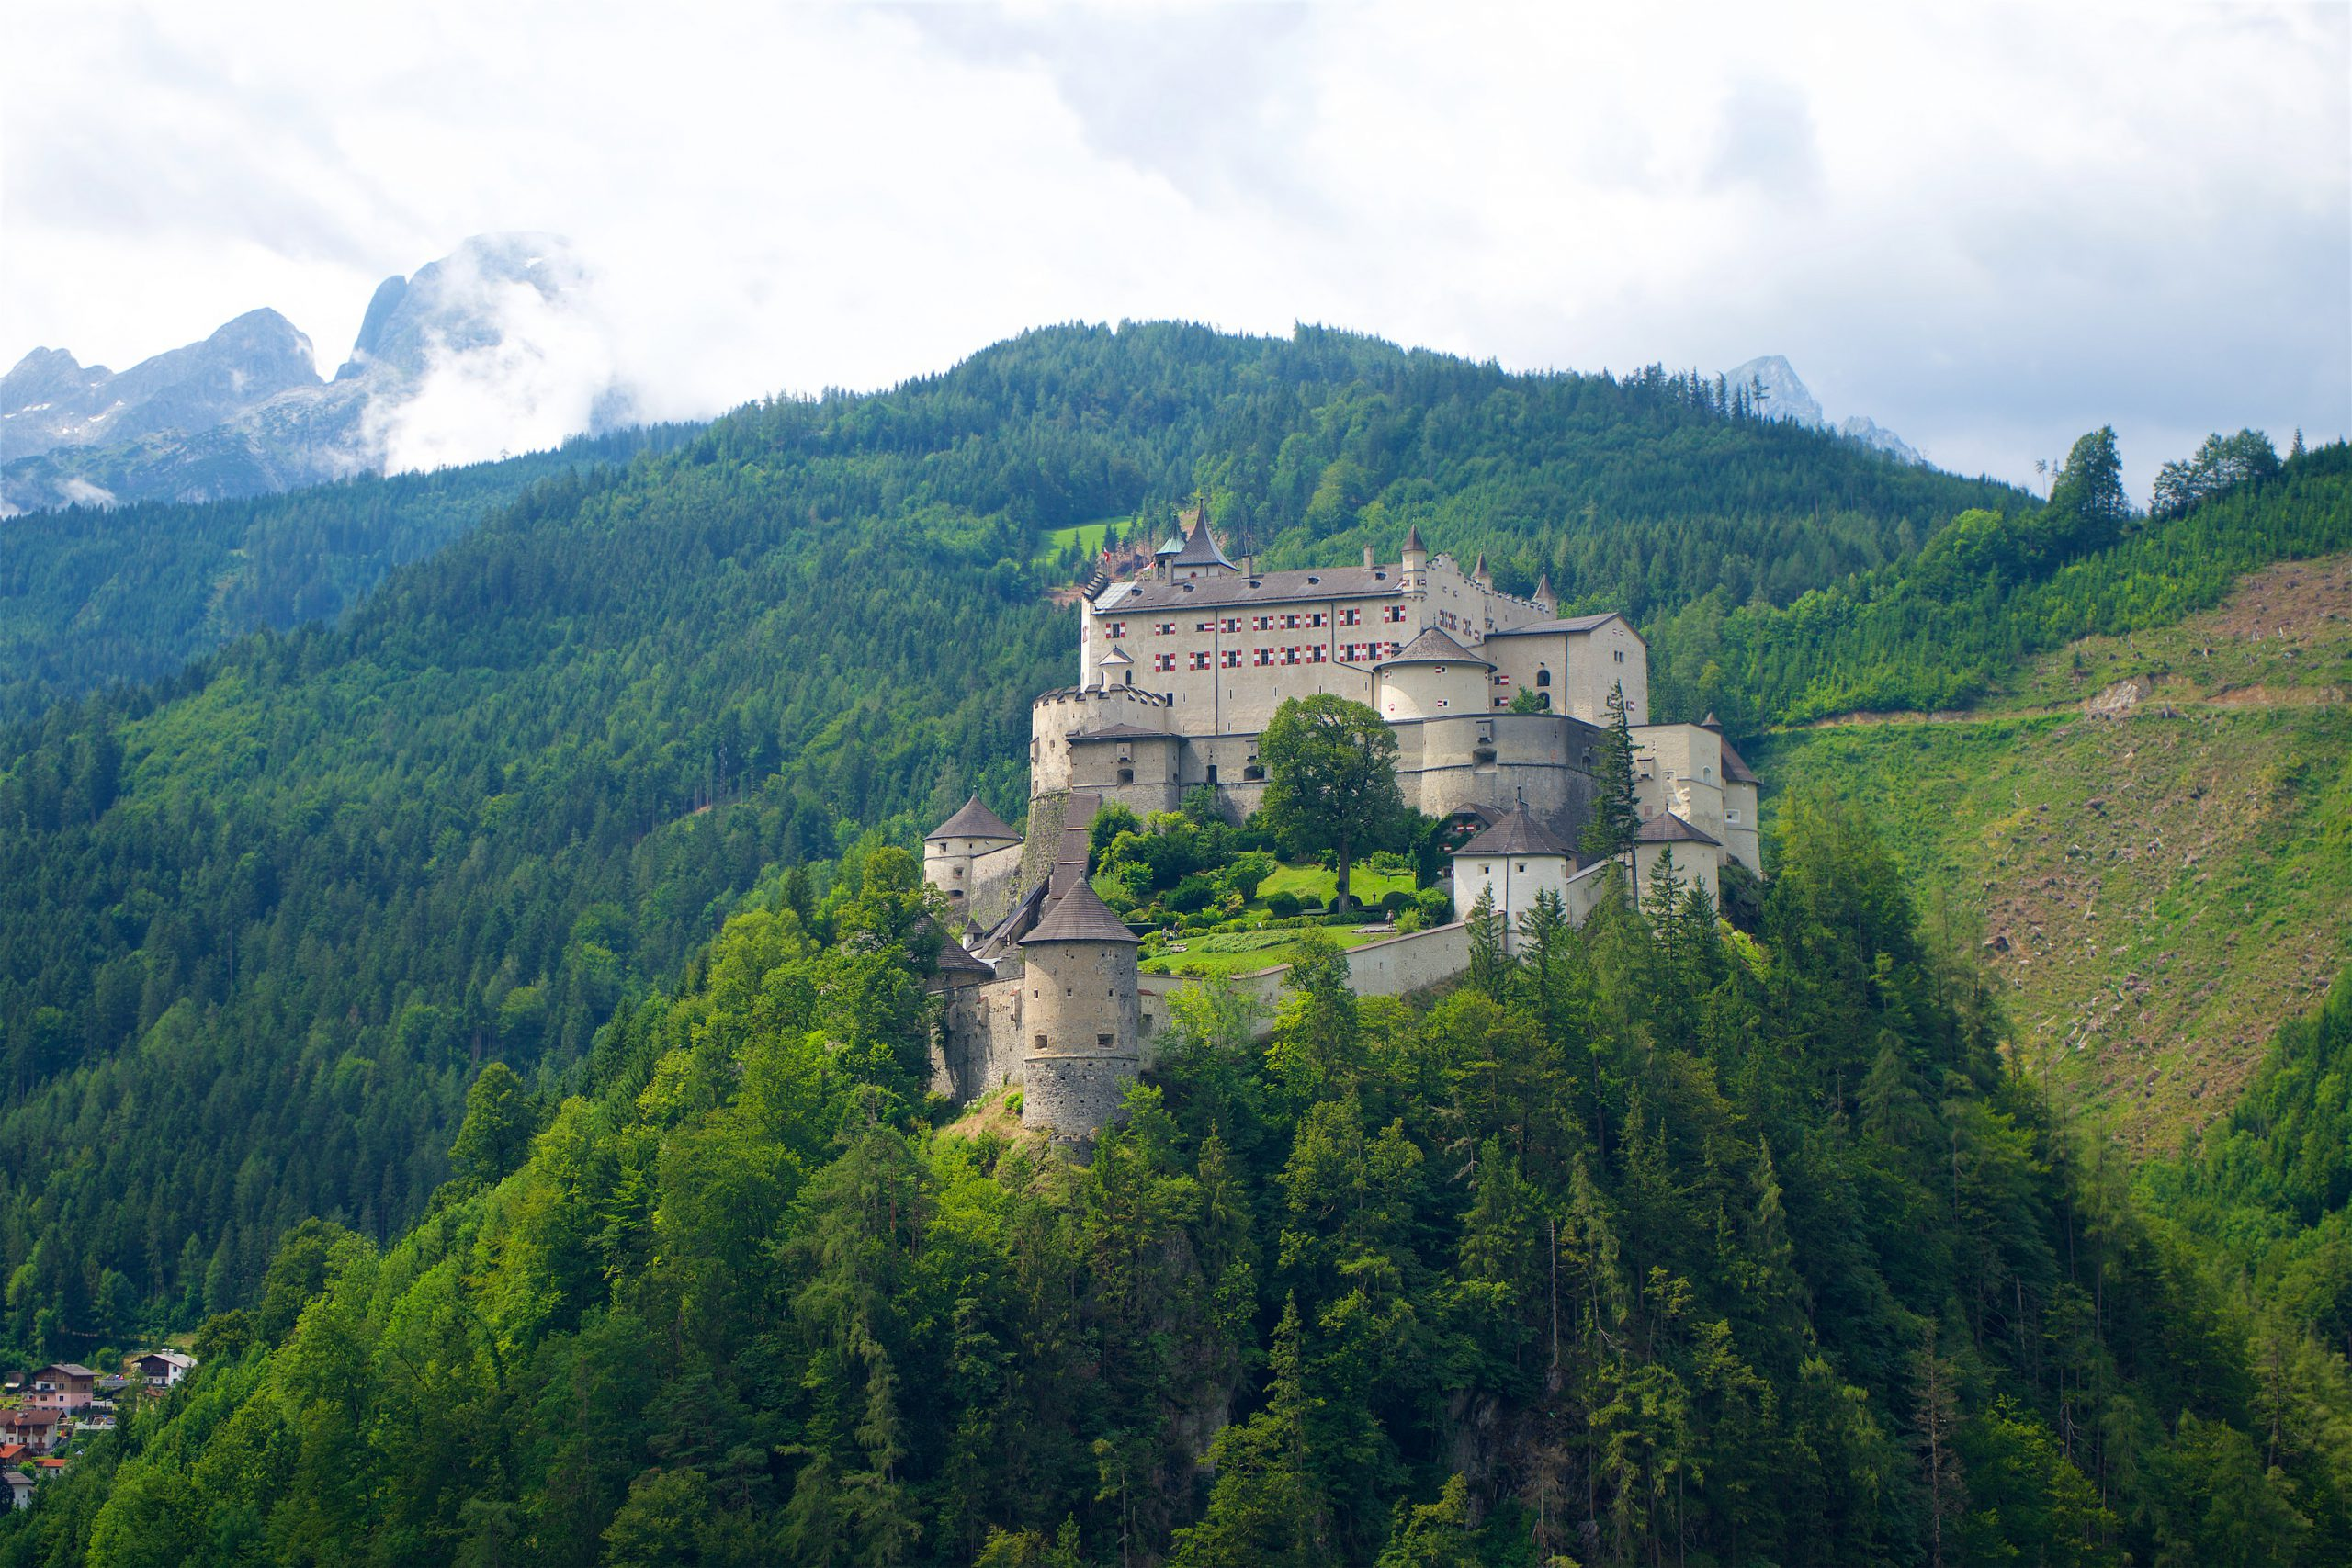 bei der Radtour Salzburg erkunden und die Festung Hohenwerfen besuchen